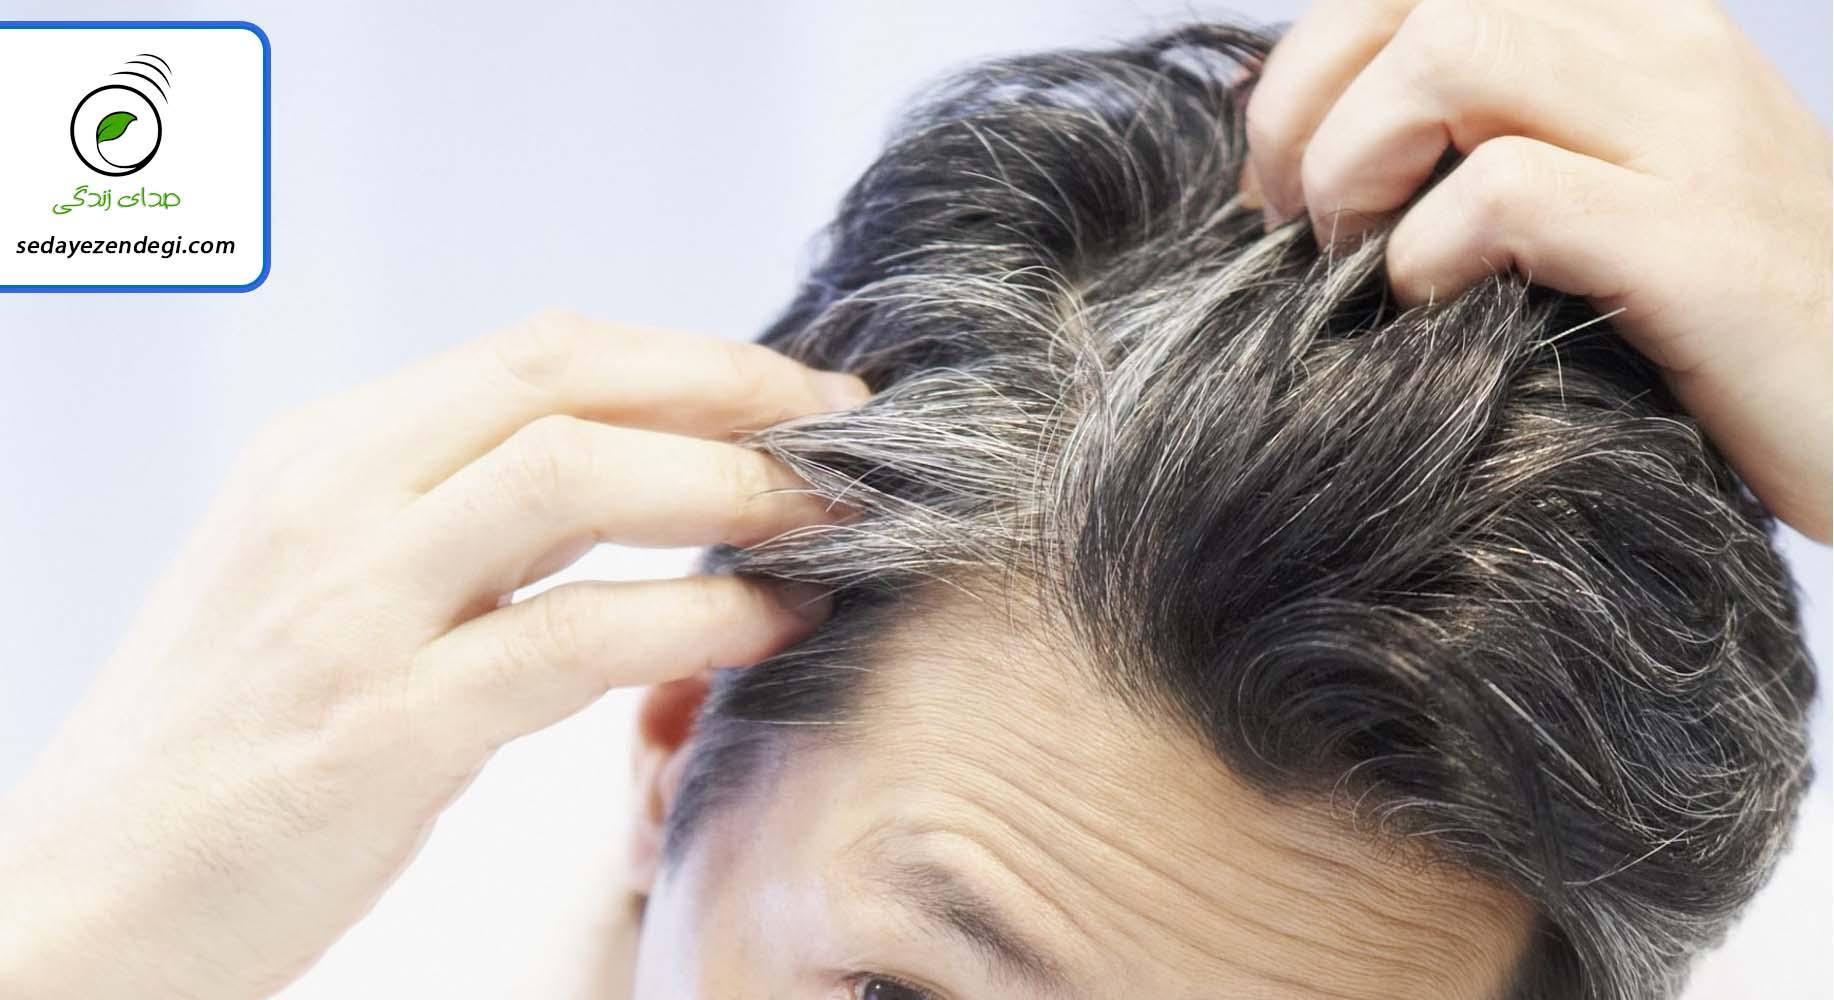 استرس عامل سفید شدن موی سر